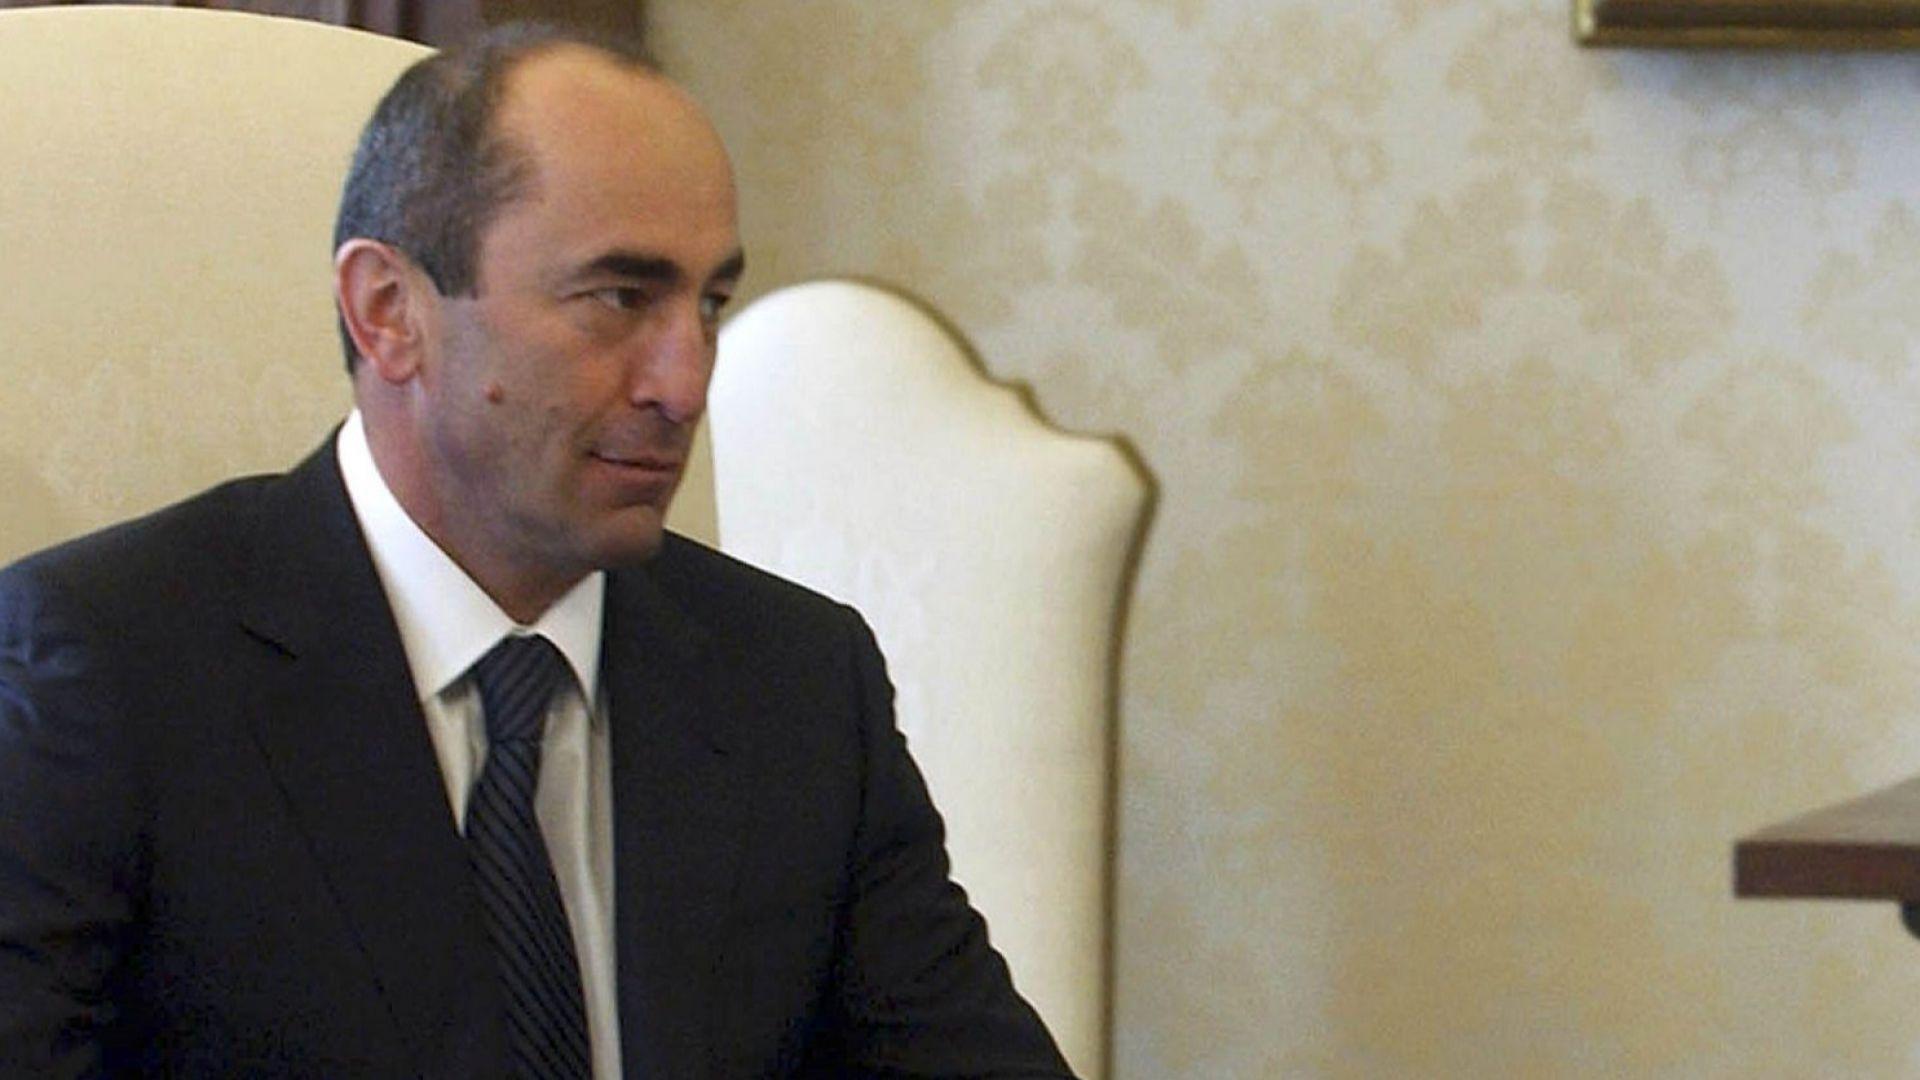 Освободиха експрезидента на Армения срещу гаранция от $4 млн.